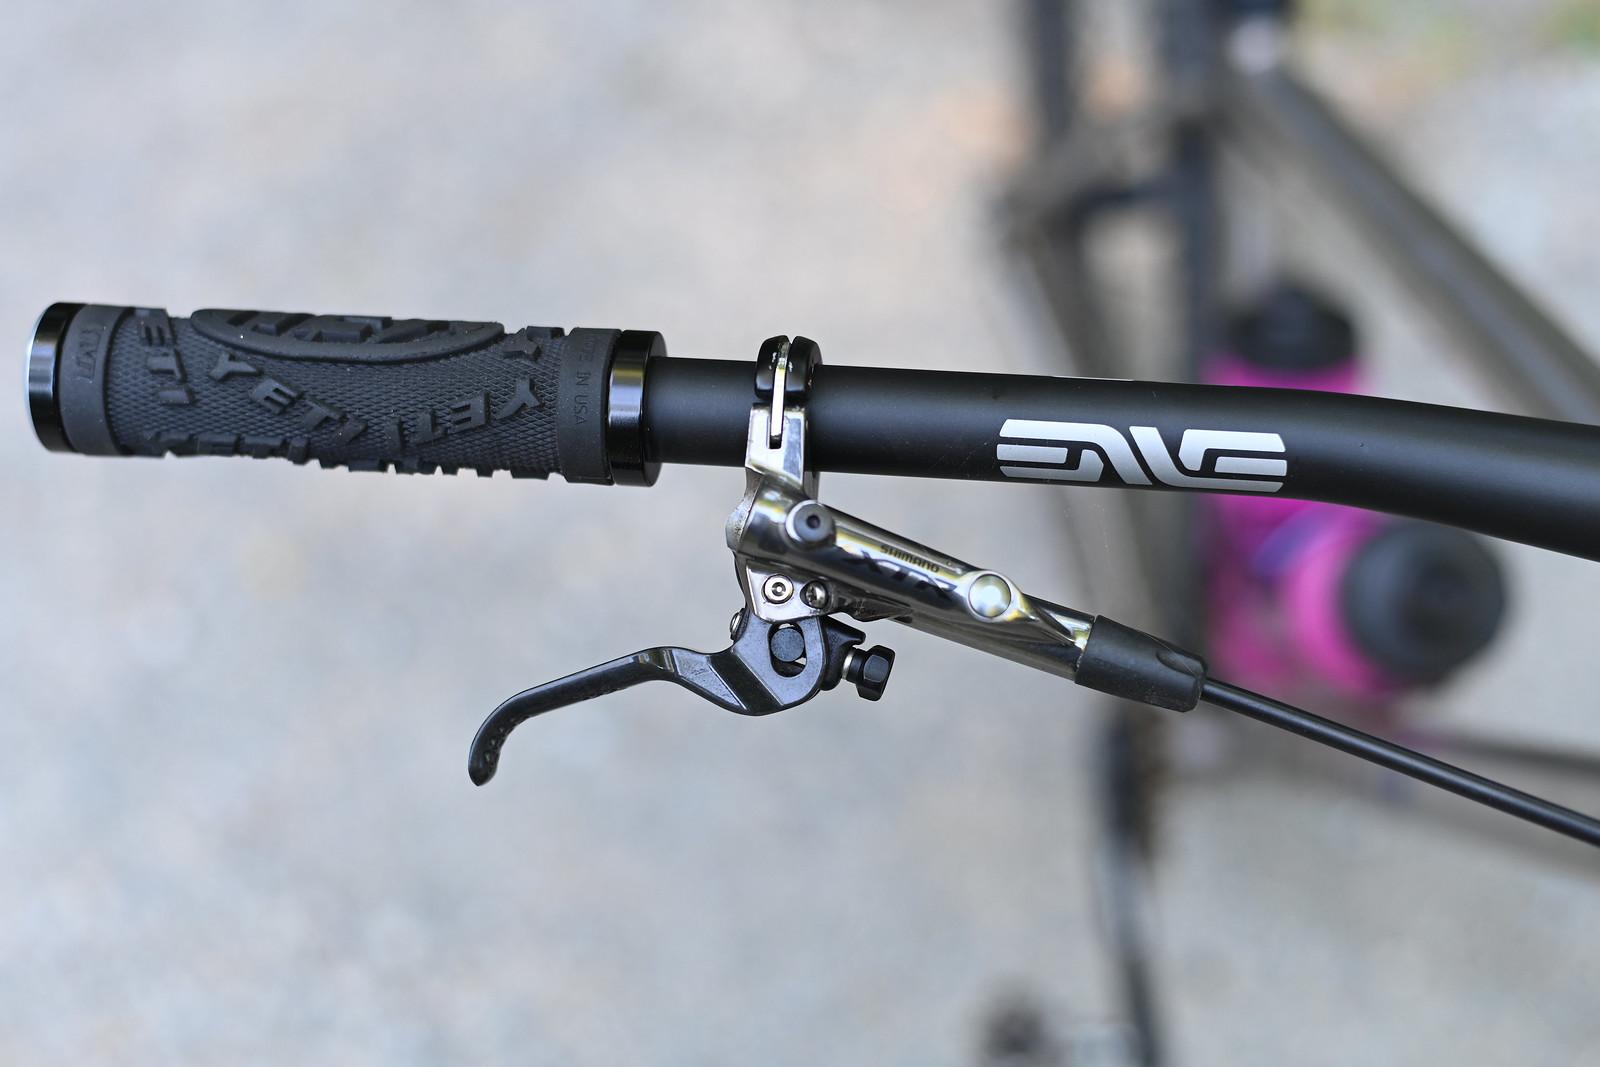 XTR M9000 levers